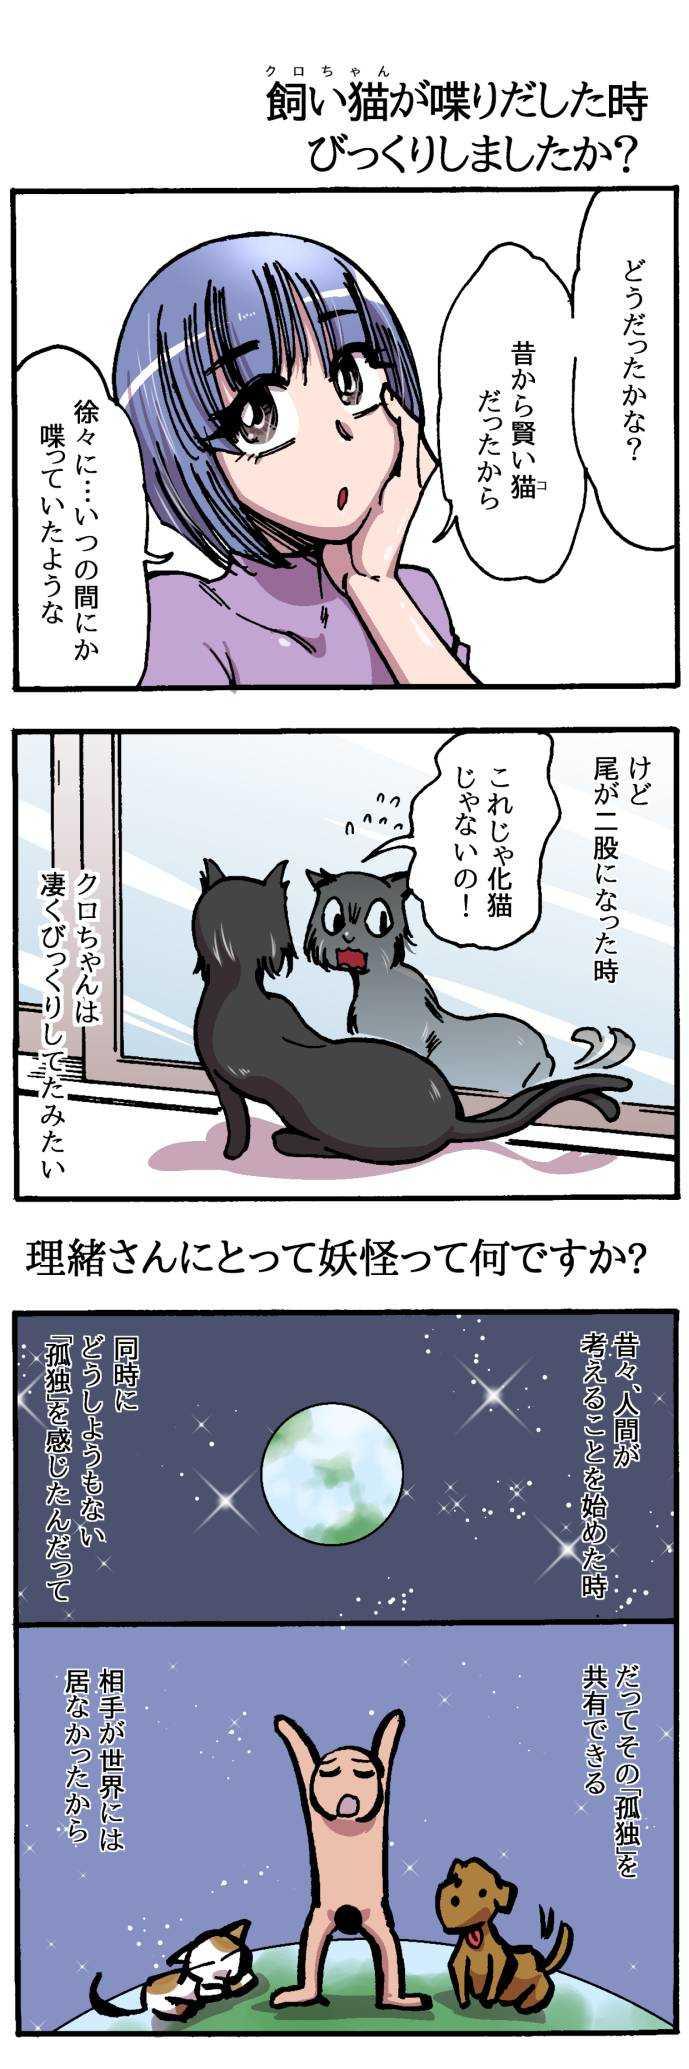 09.「のっぺらぼうってナニ?」